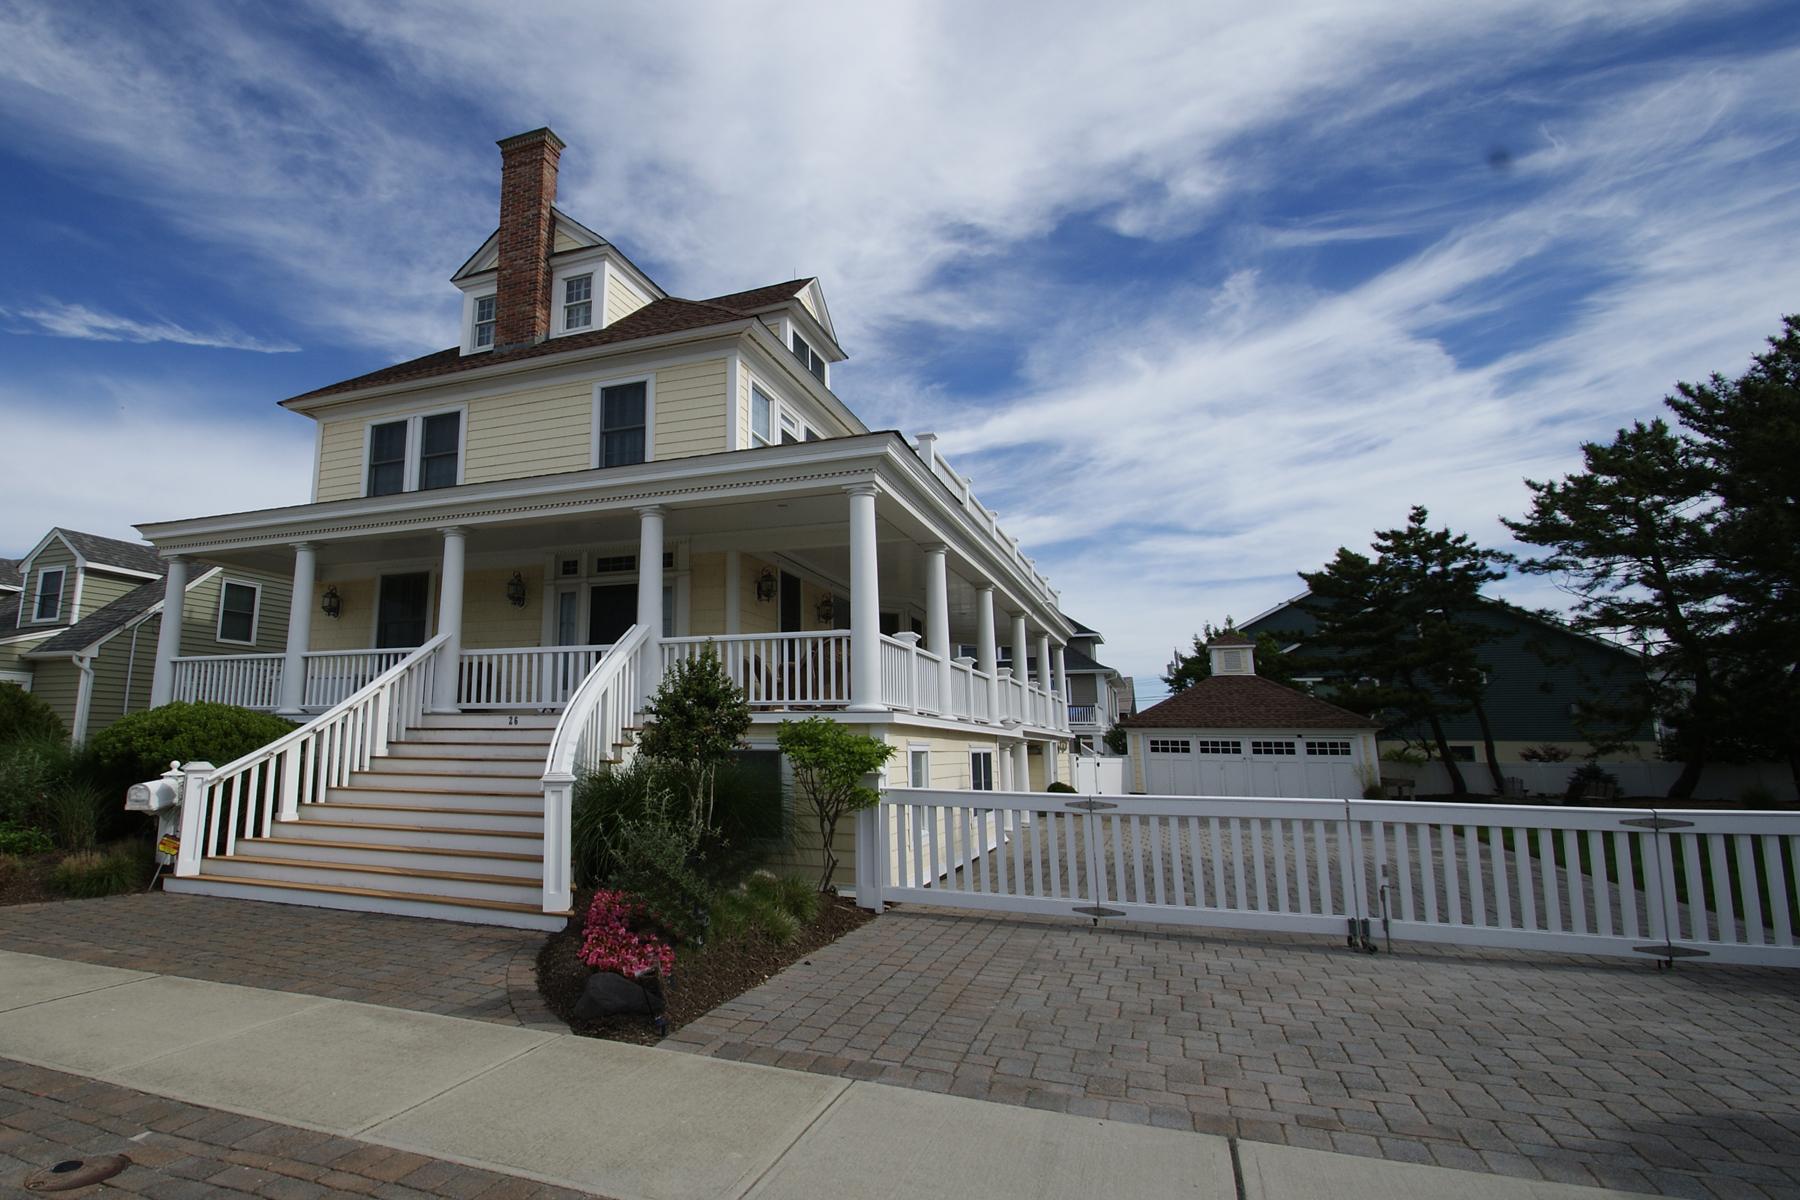 独户住宅 为 销售 在 Elegant Oceanblock Home - Exquisite Craftsmanship 26 7th Ave Seaside Park, 08752 美国